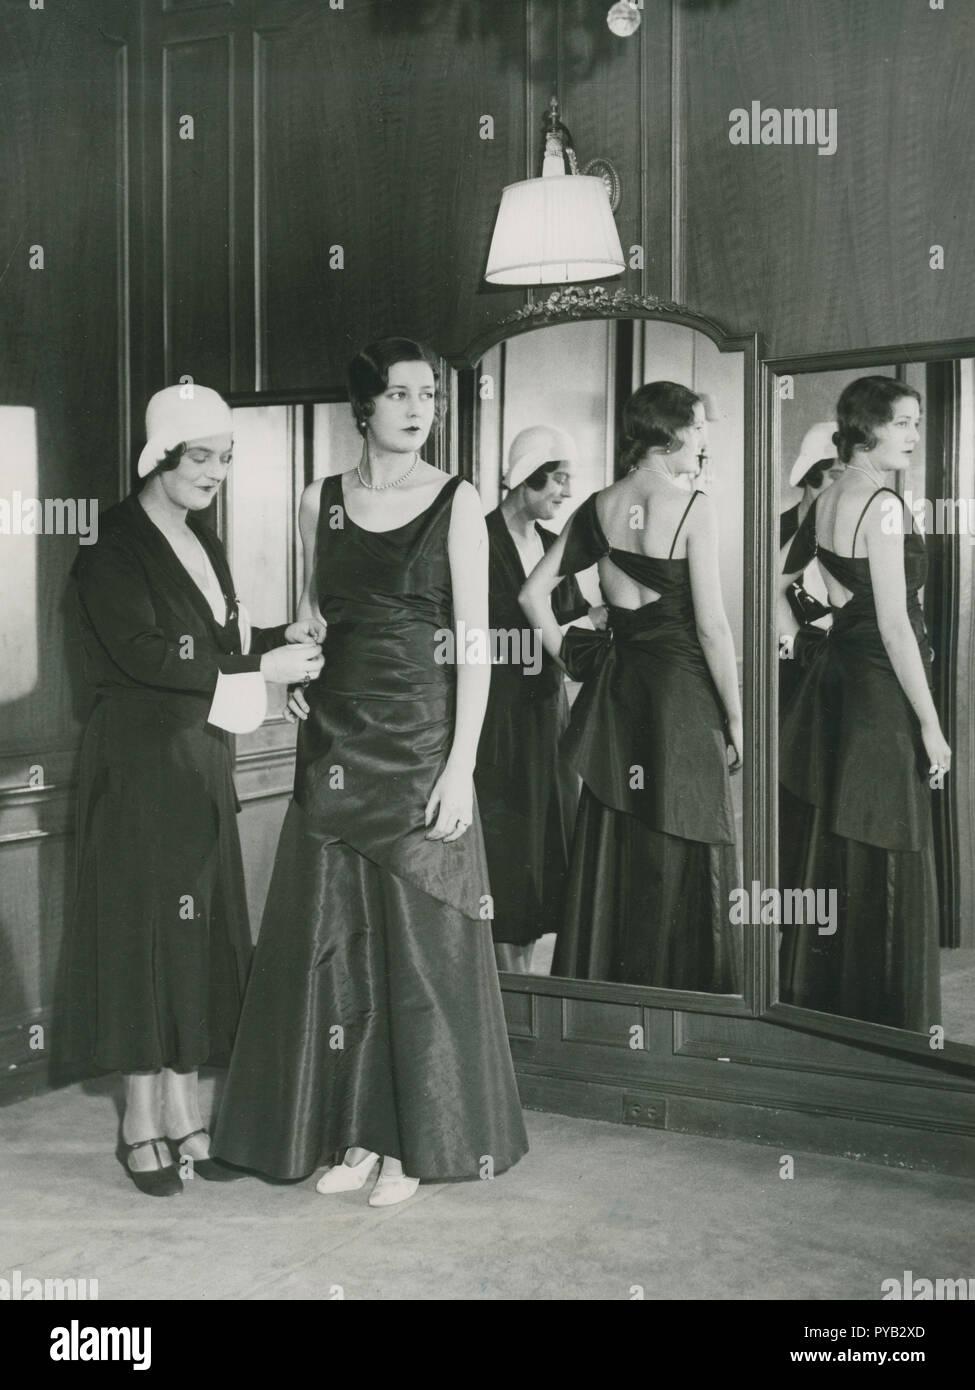 Damen Mode in den 1930er Jahren. Auf dem Bild sehen Sie links die Großherzogin Maria Pawlowna von Russland (1890 - 1958). Sie wurde im Design interessiert und machte das Geschäft mit Coco Chanel. Etablierte sie sich als fashiondesigner in Amerika und ihr stellt sie ein Abendkleid von Ihrem eigenen Design am 17.Dezember 1930. Stockbild